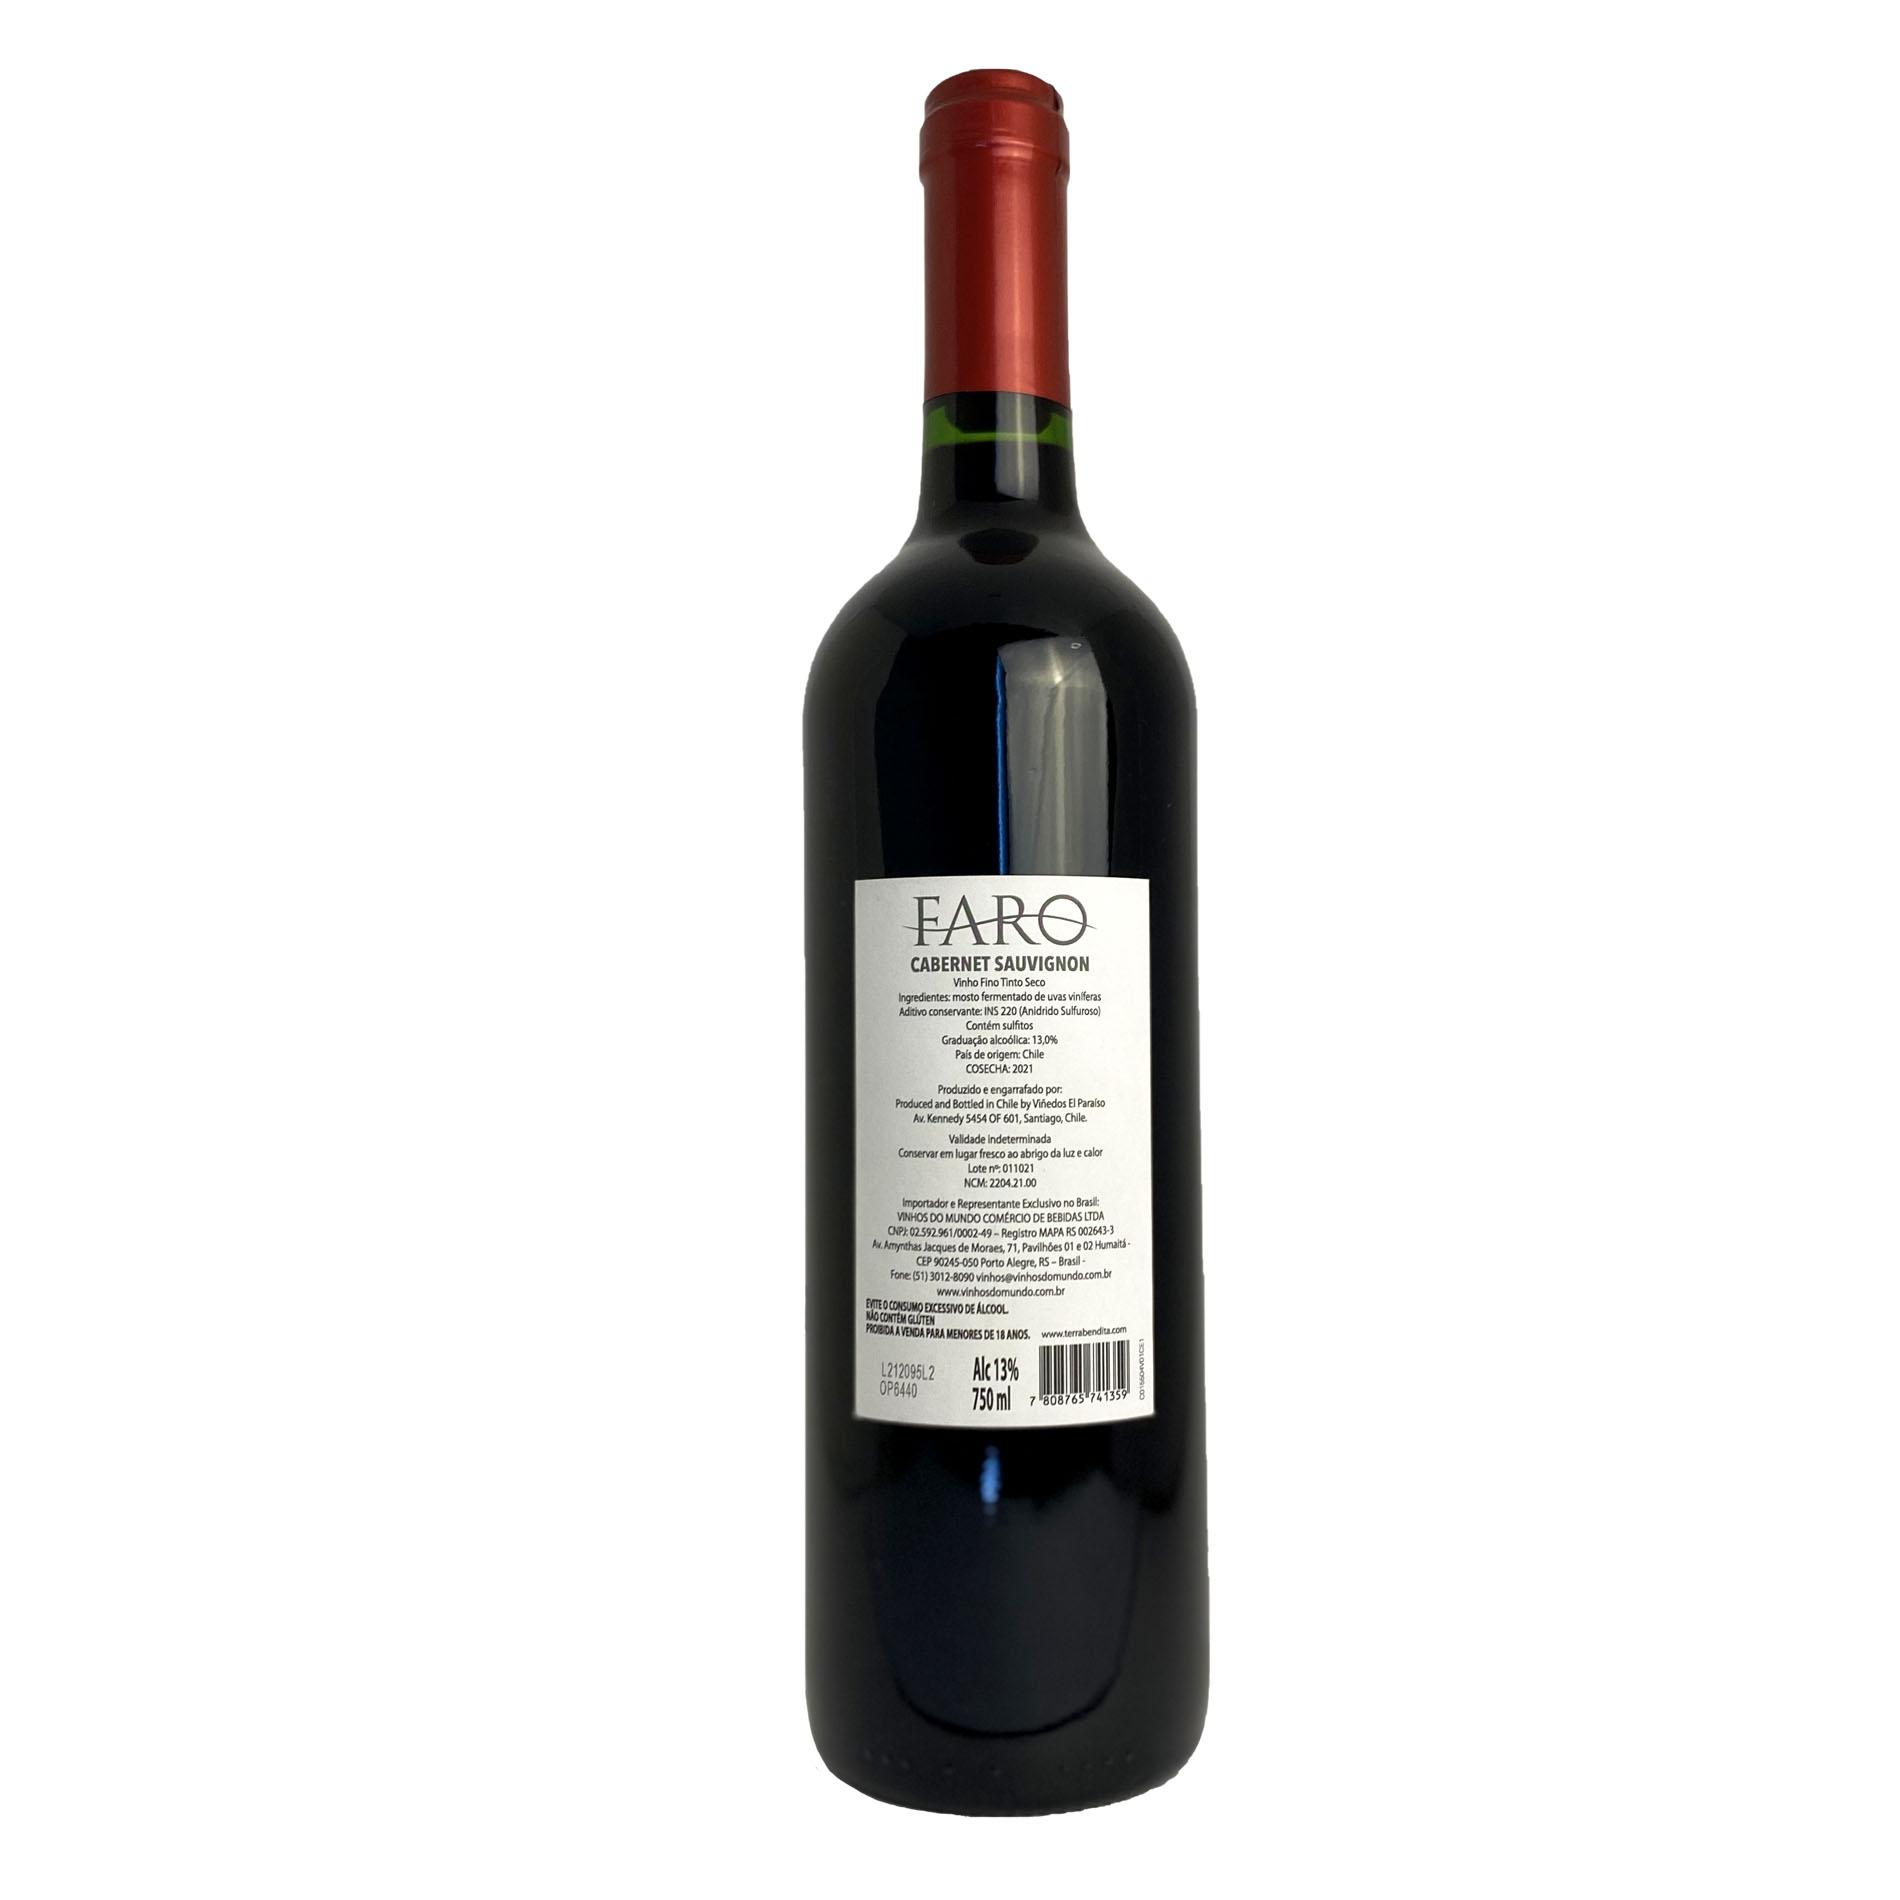 Faro Cabernet  Sauvignon (Chileno)  - Vinerize